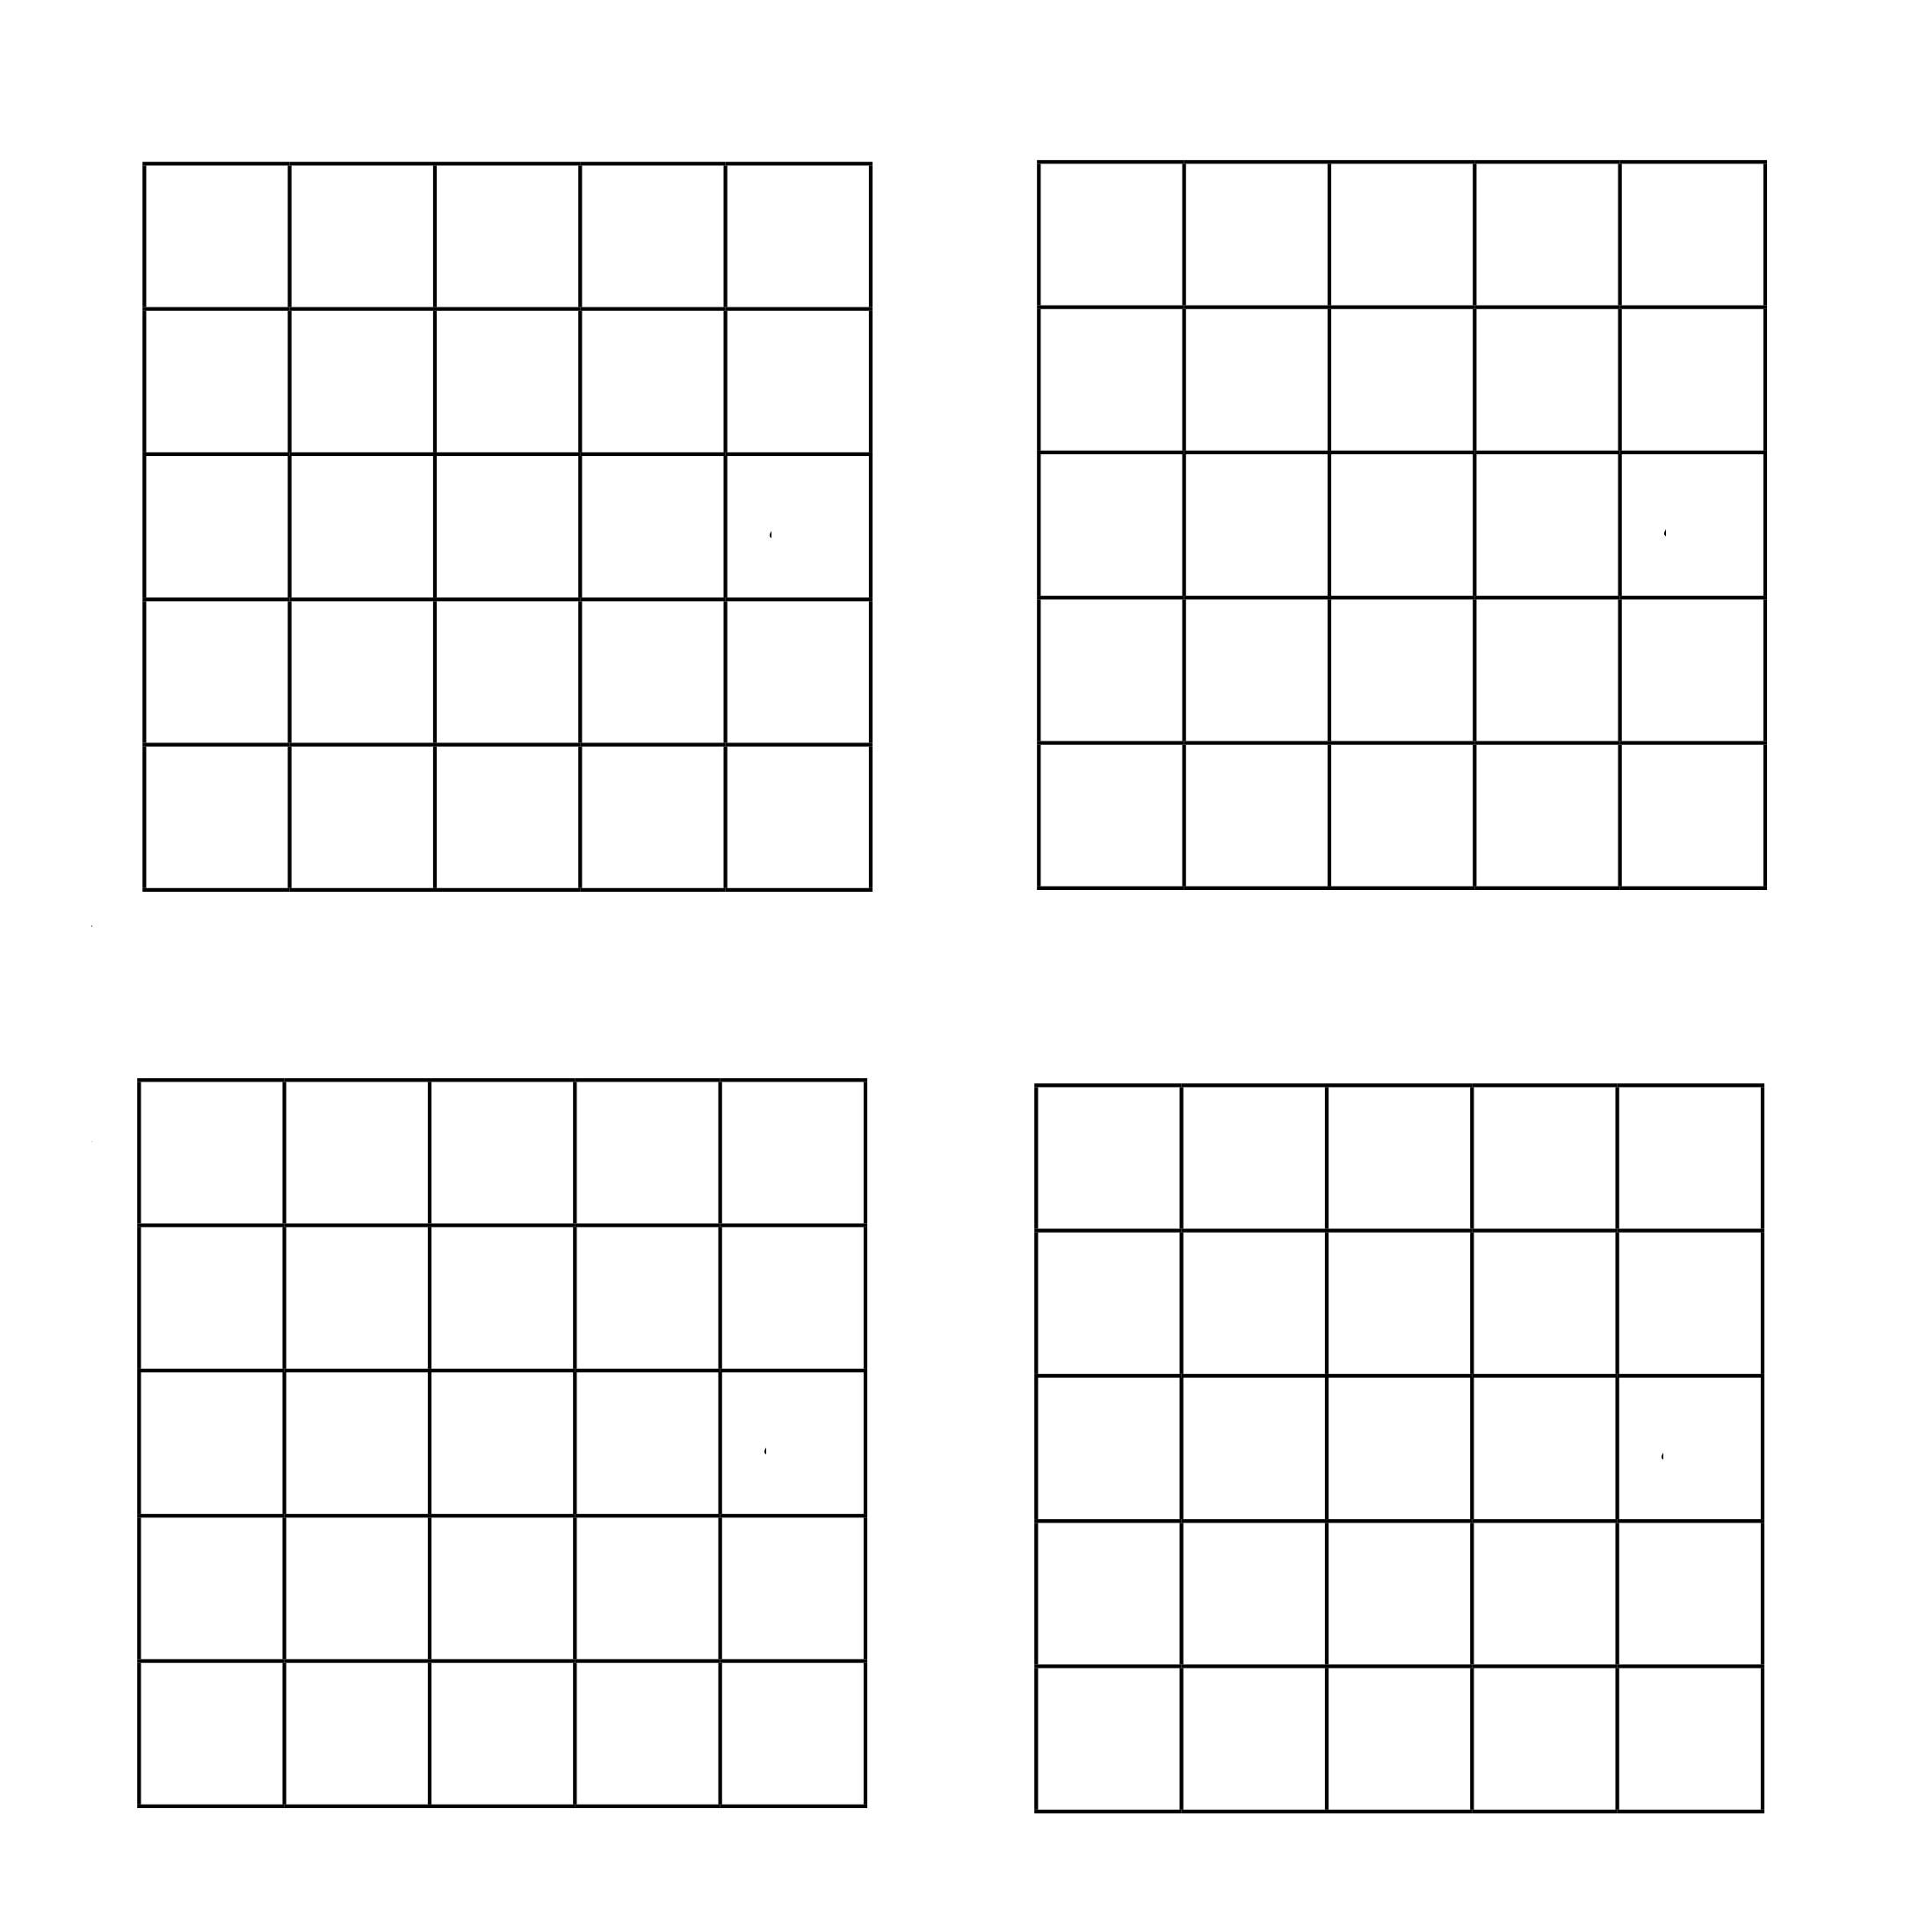 Bingo Regeln Grundschule